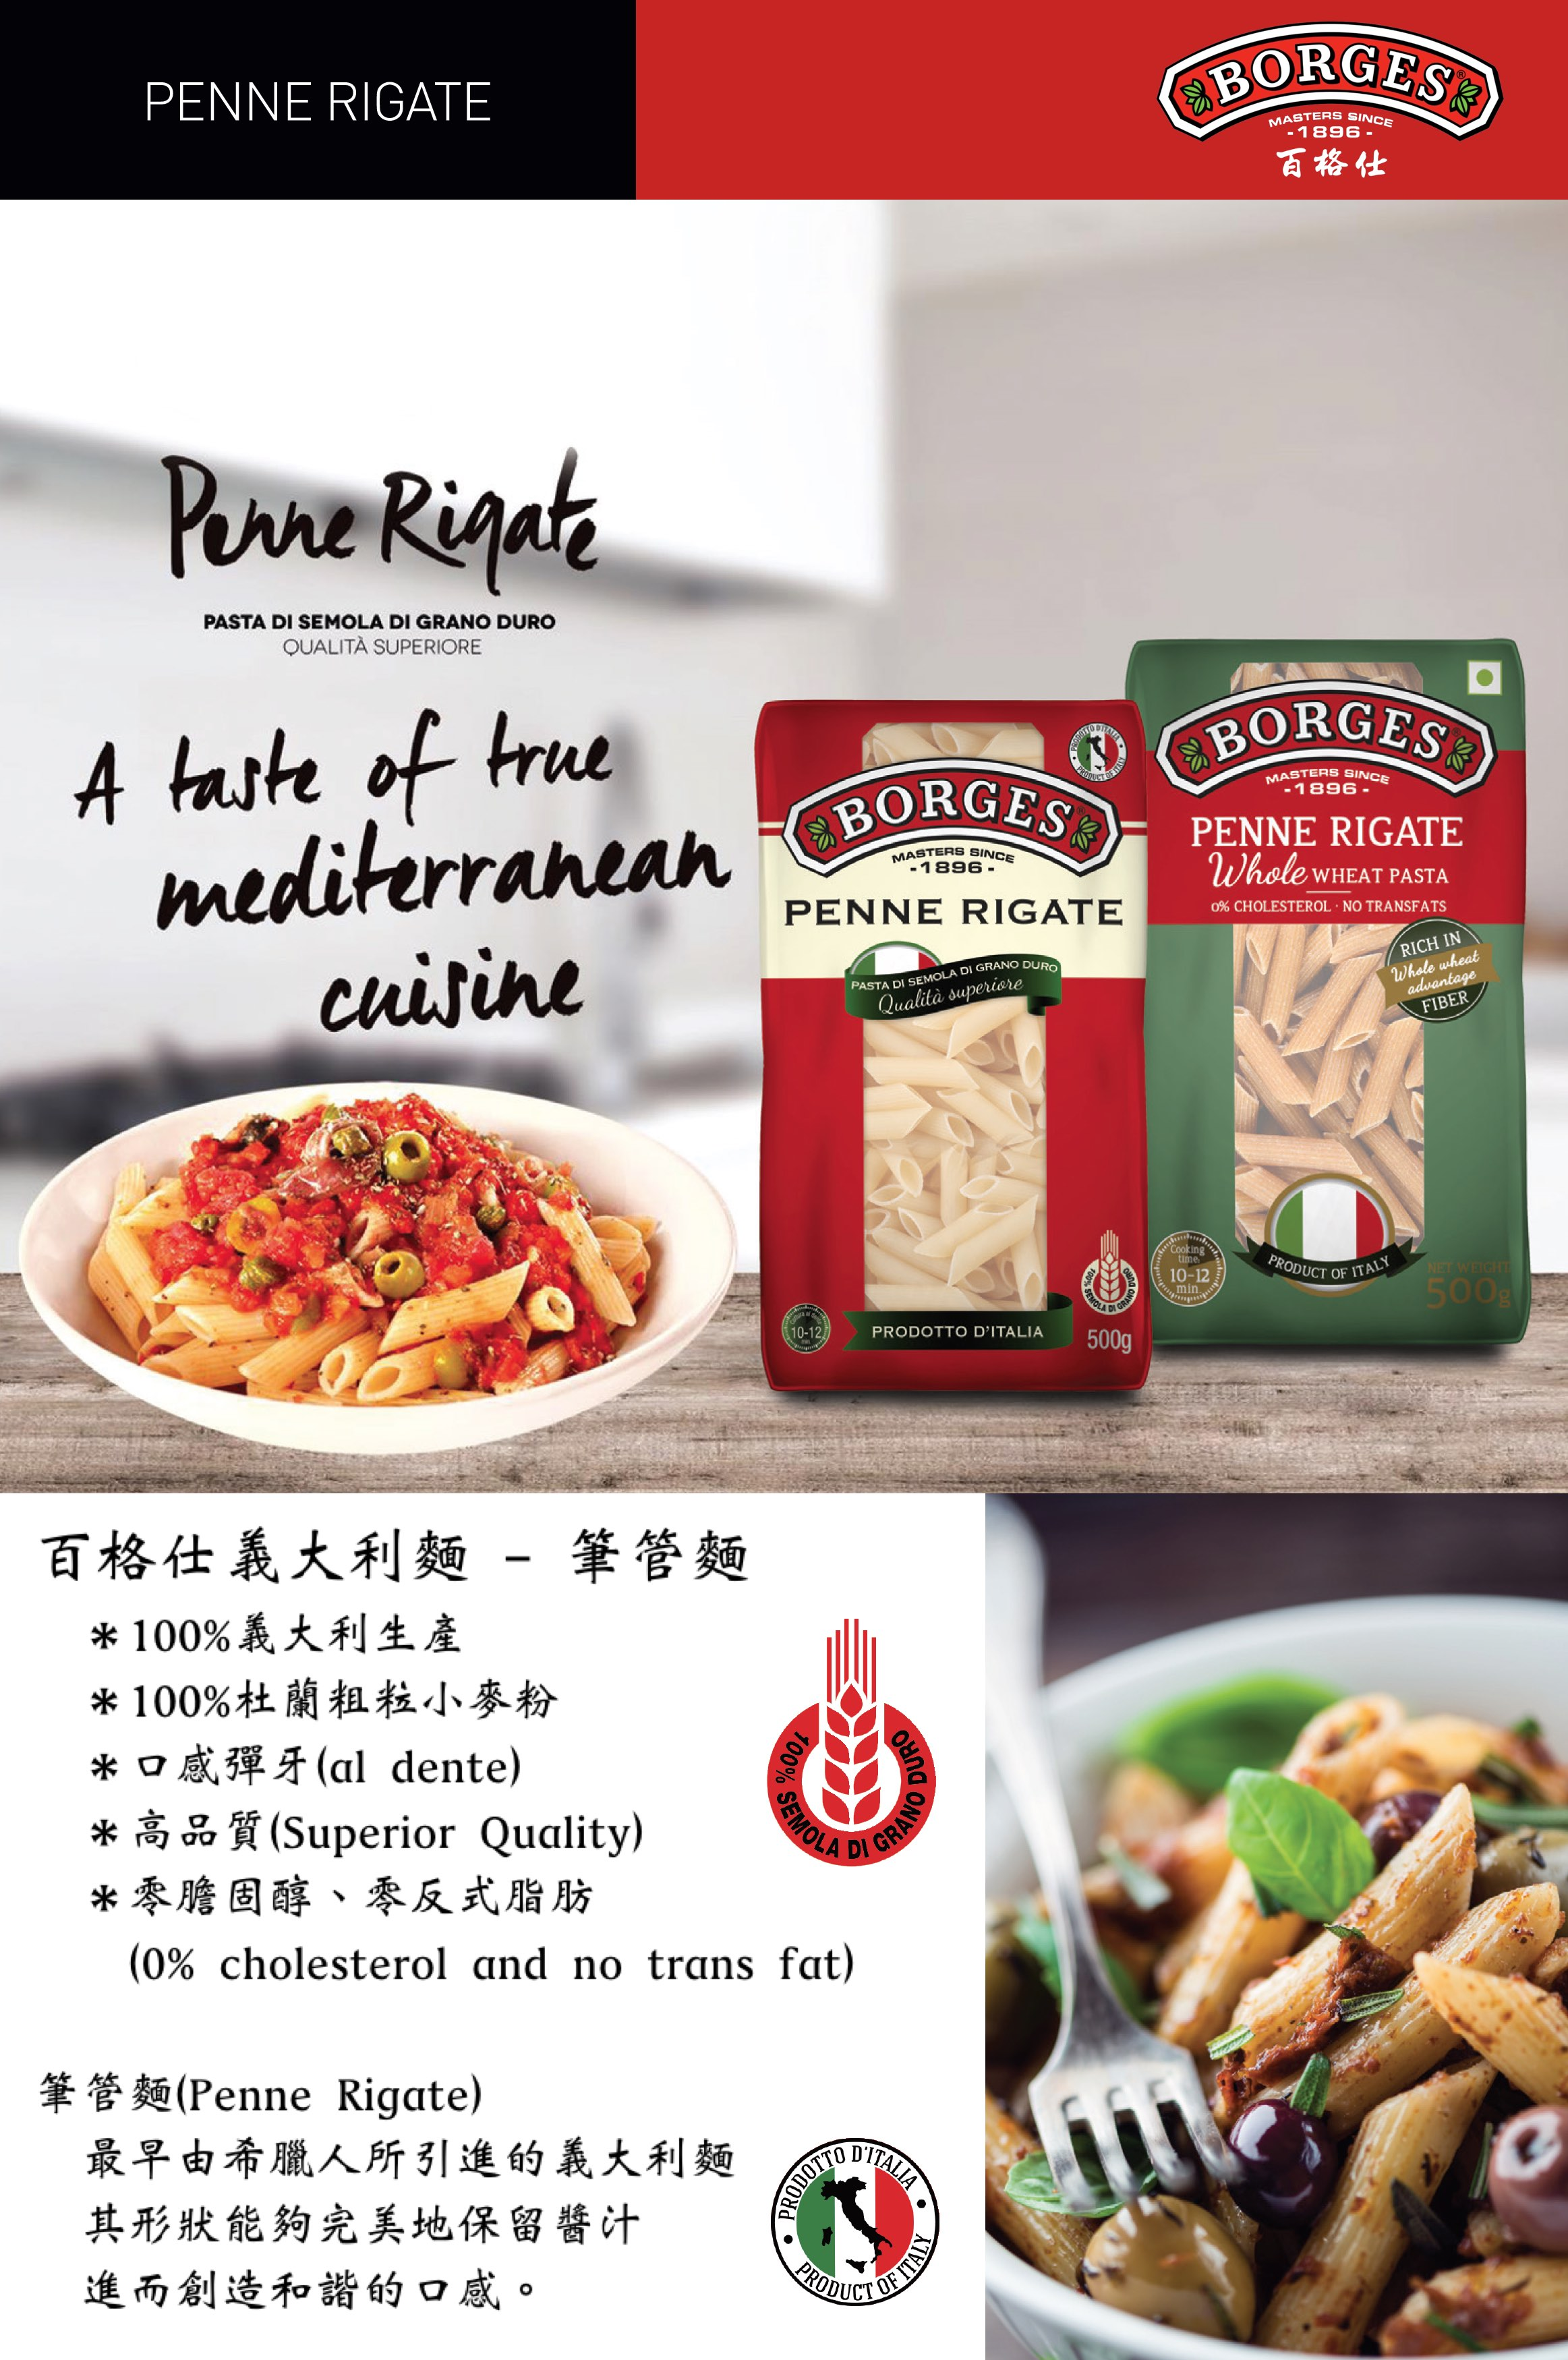 筆管麵(PENNE RIGATE)-百格仕義大利麵,筆管形狀能夠完美地保留醬汁。